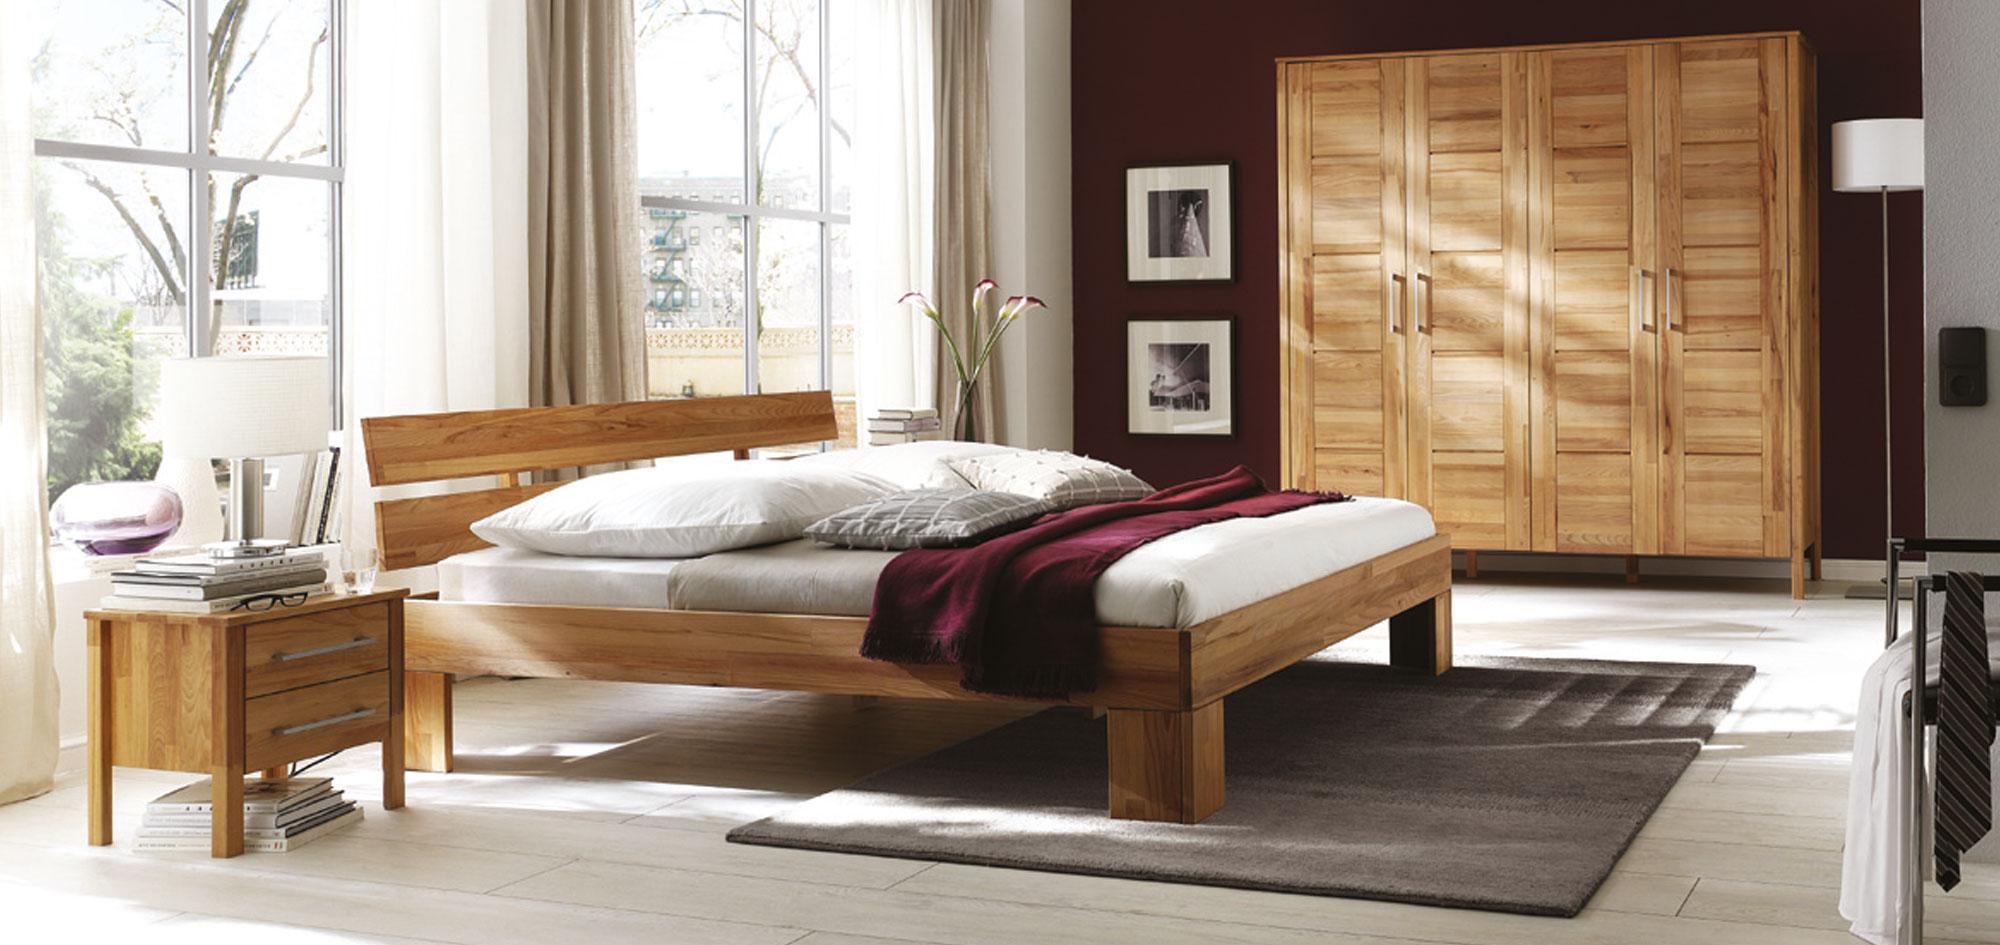 Massivholz Schlafzimmer Modern Zen, Bild 2